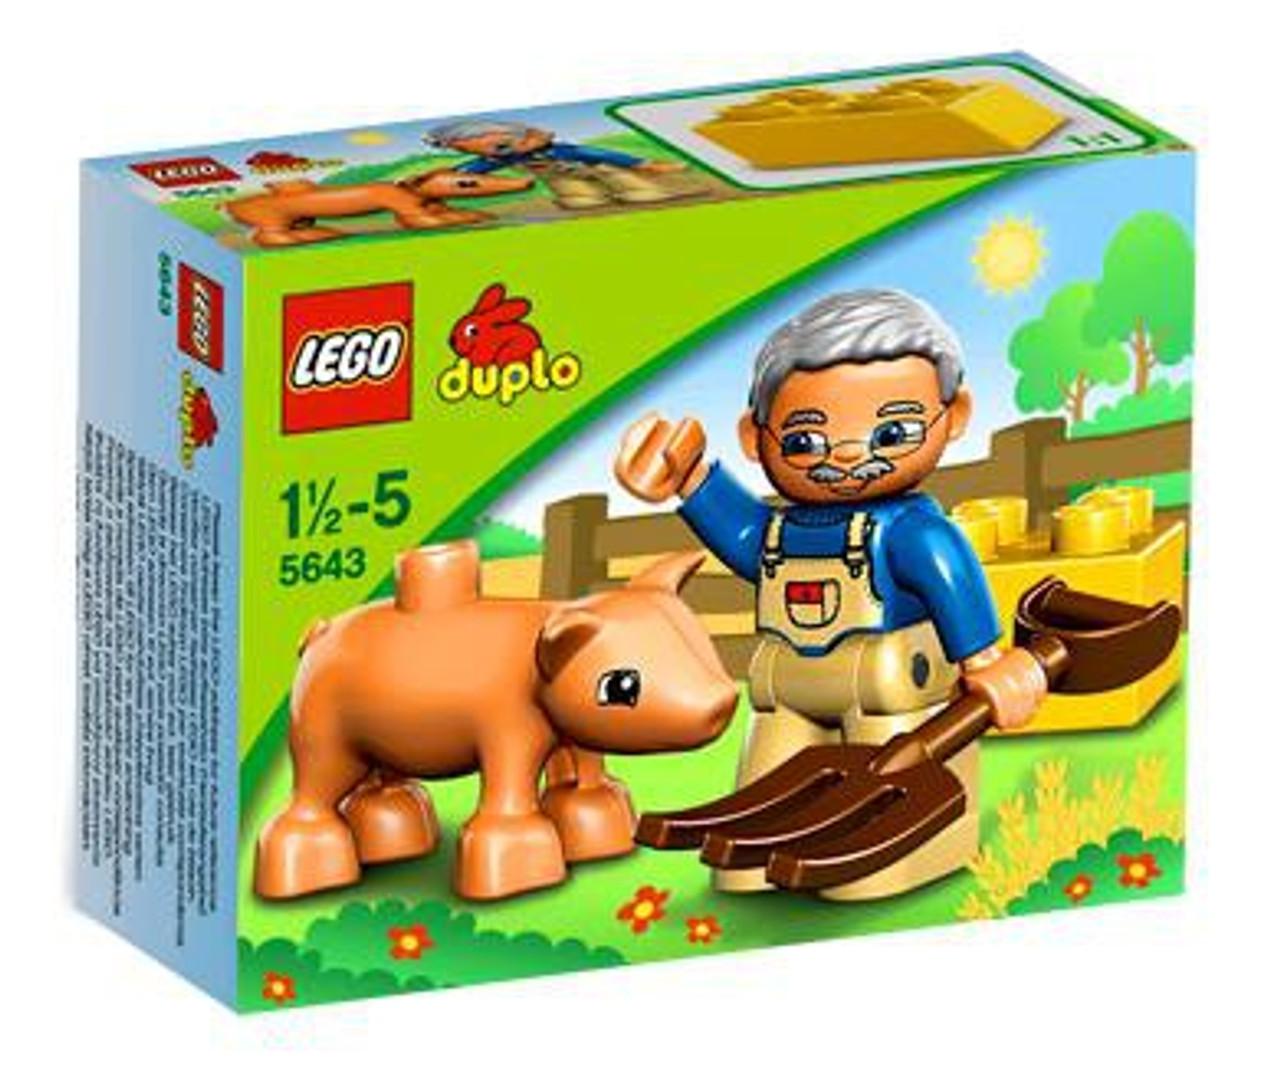 LEGO Duplo Little Piggy Set #5643